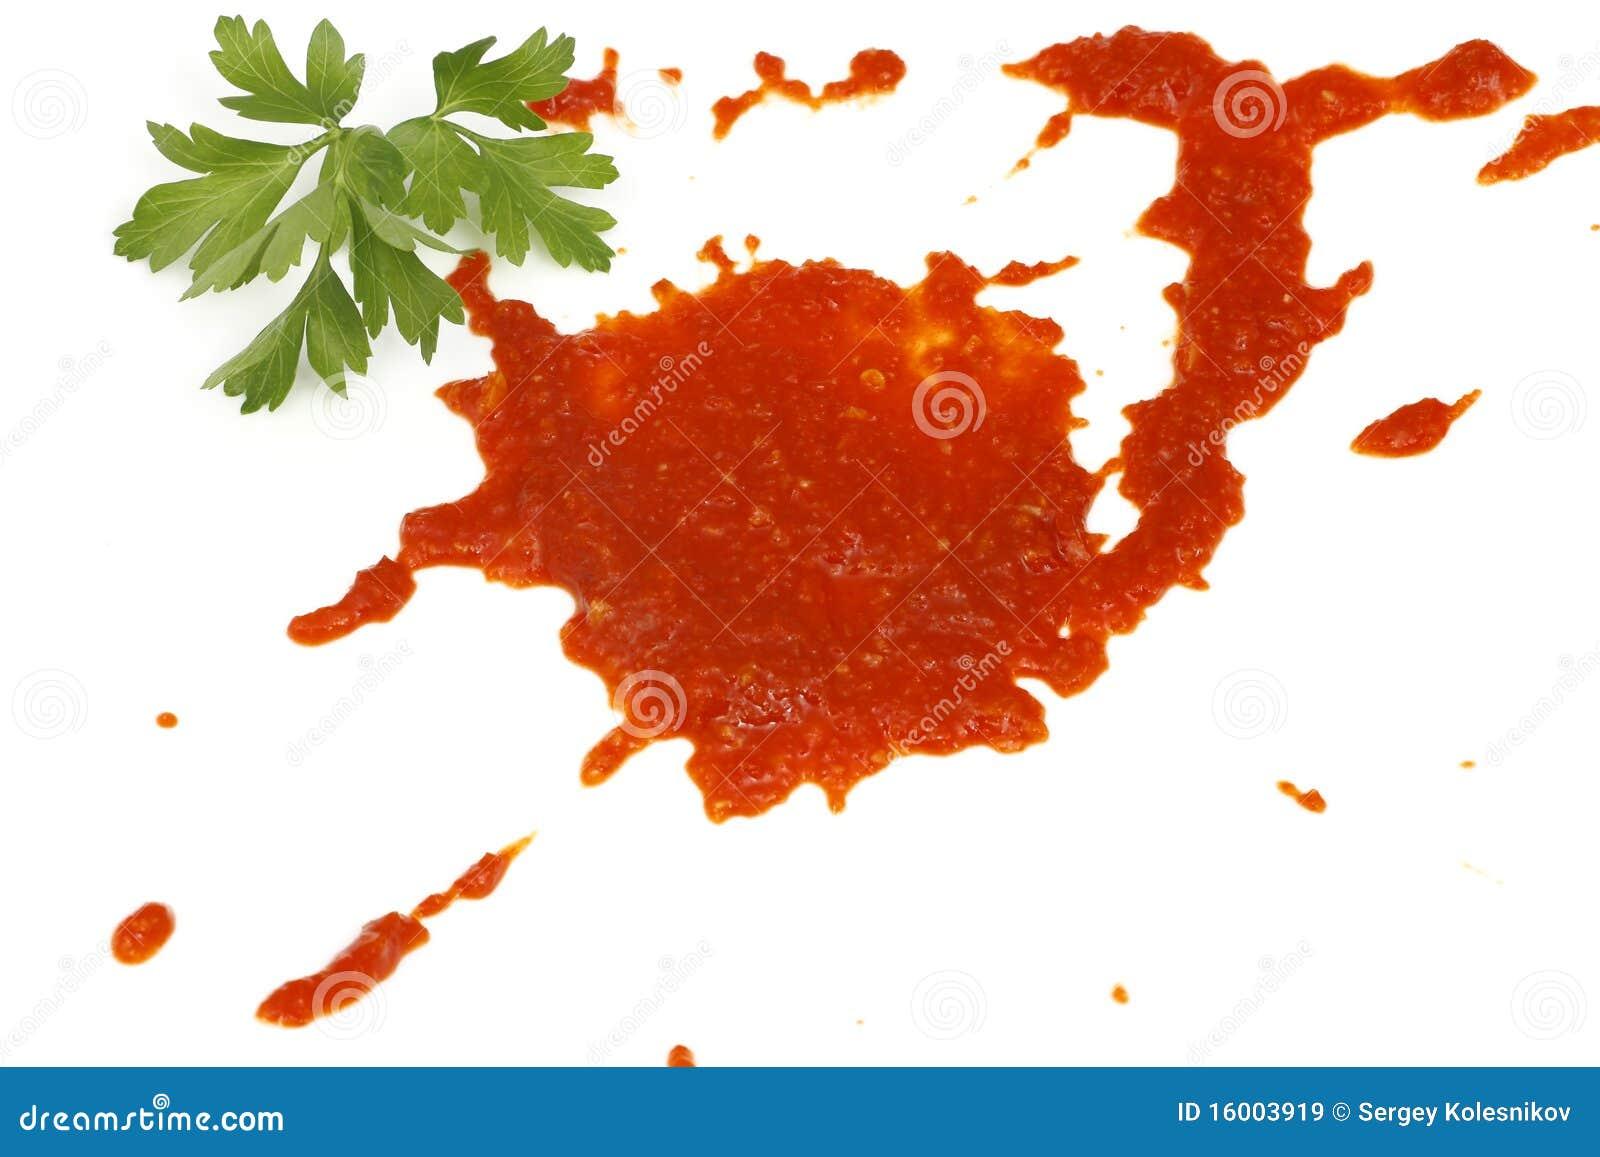 Tache de la sauce tomate image stock image du peinture - Enlever tache sauce tomate ...